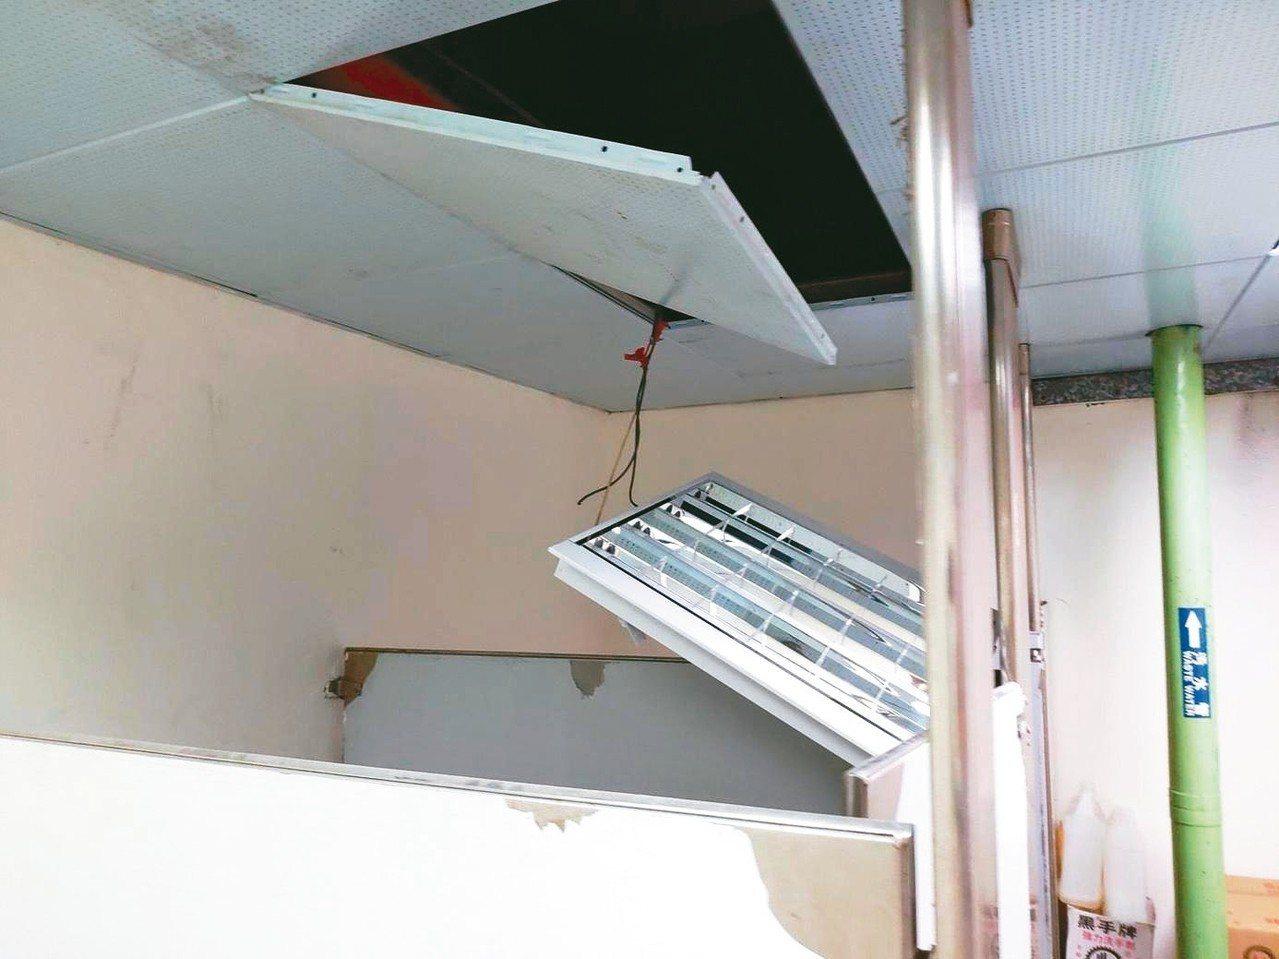 工人當時正在更換天花板燈管,發生電擊意外。 圖/新北市勞檢處提供